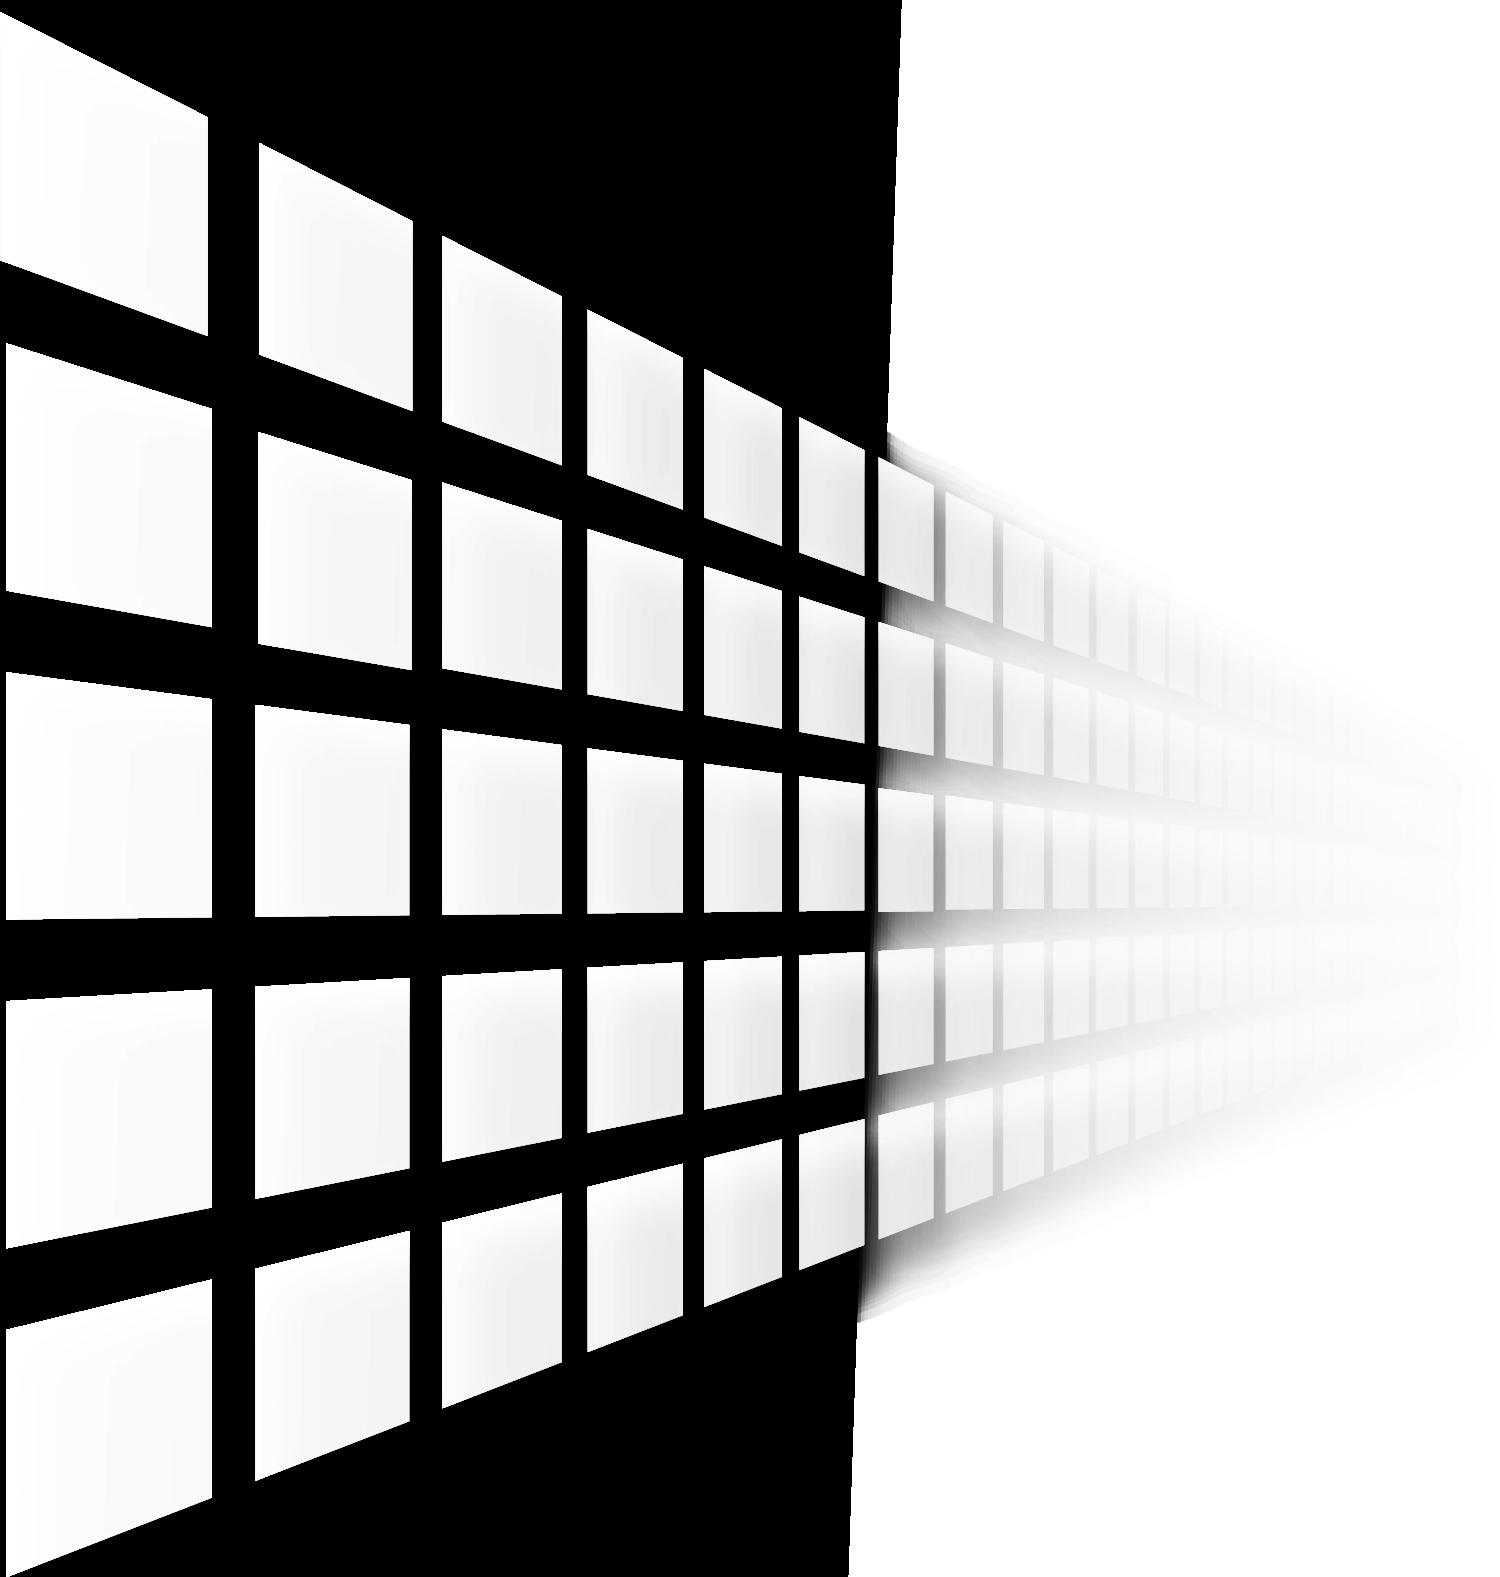 ムービーライブラリ background